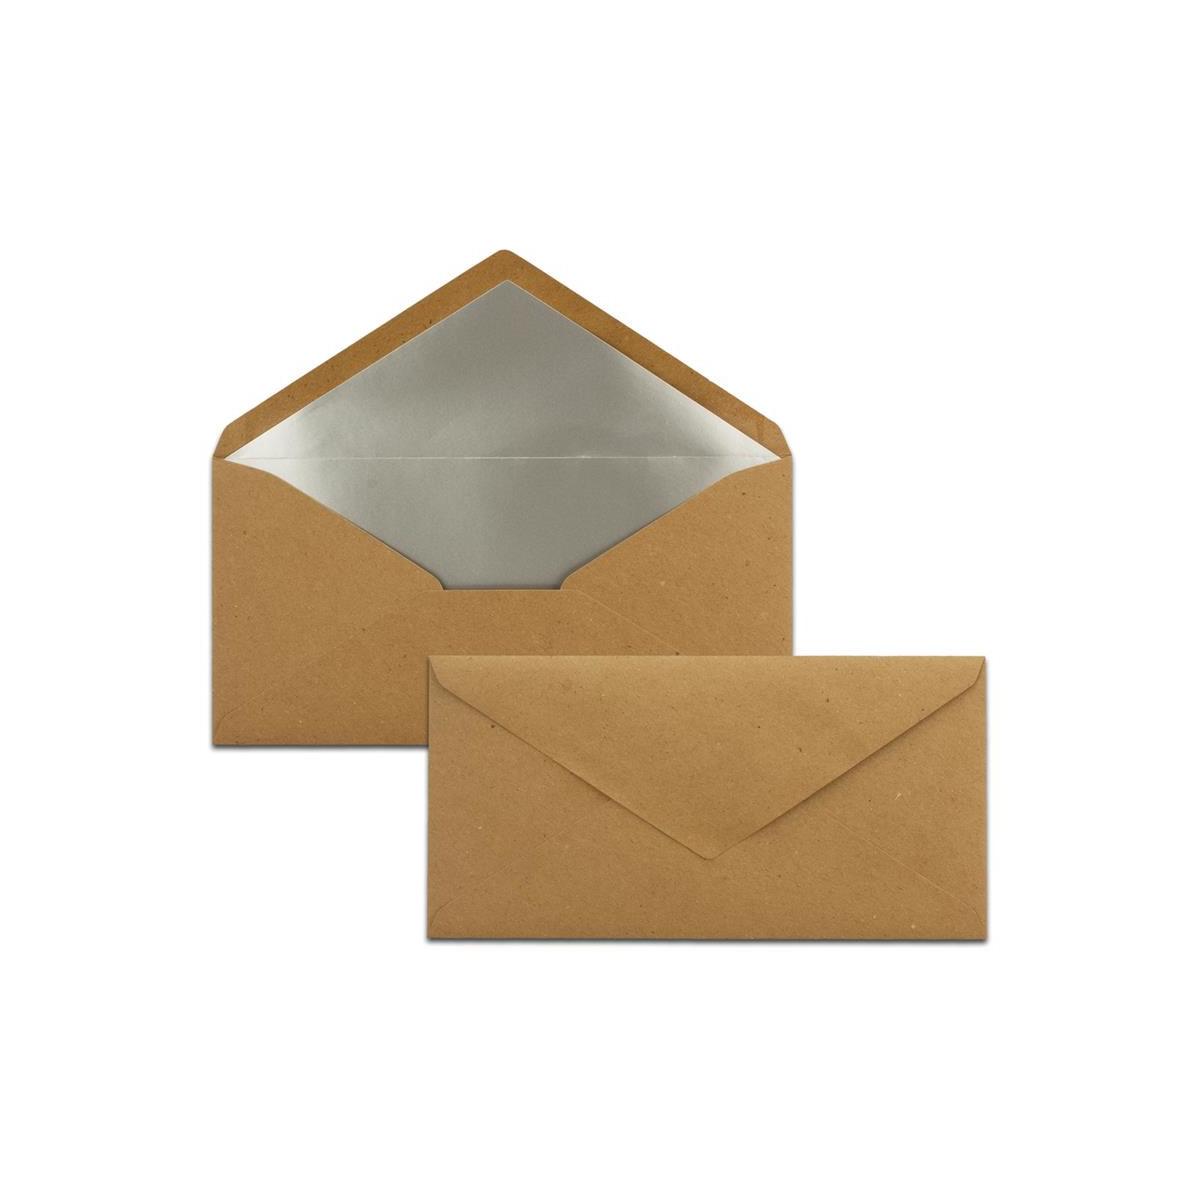 Kuverts in Schwarz Brief-Umschl/äge DIN C6-114 x 162 mm 100 St/ück 11,4 x 16,2 cm Na/ßklebung Matte Oberfl/äche /& Gold-Metallic F/ütterung f/ür Einladungen ohne Fenster